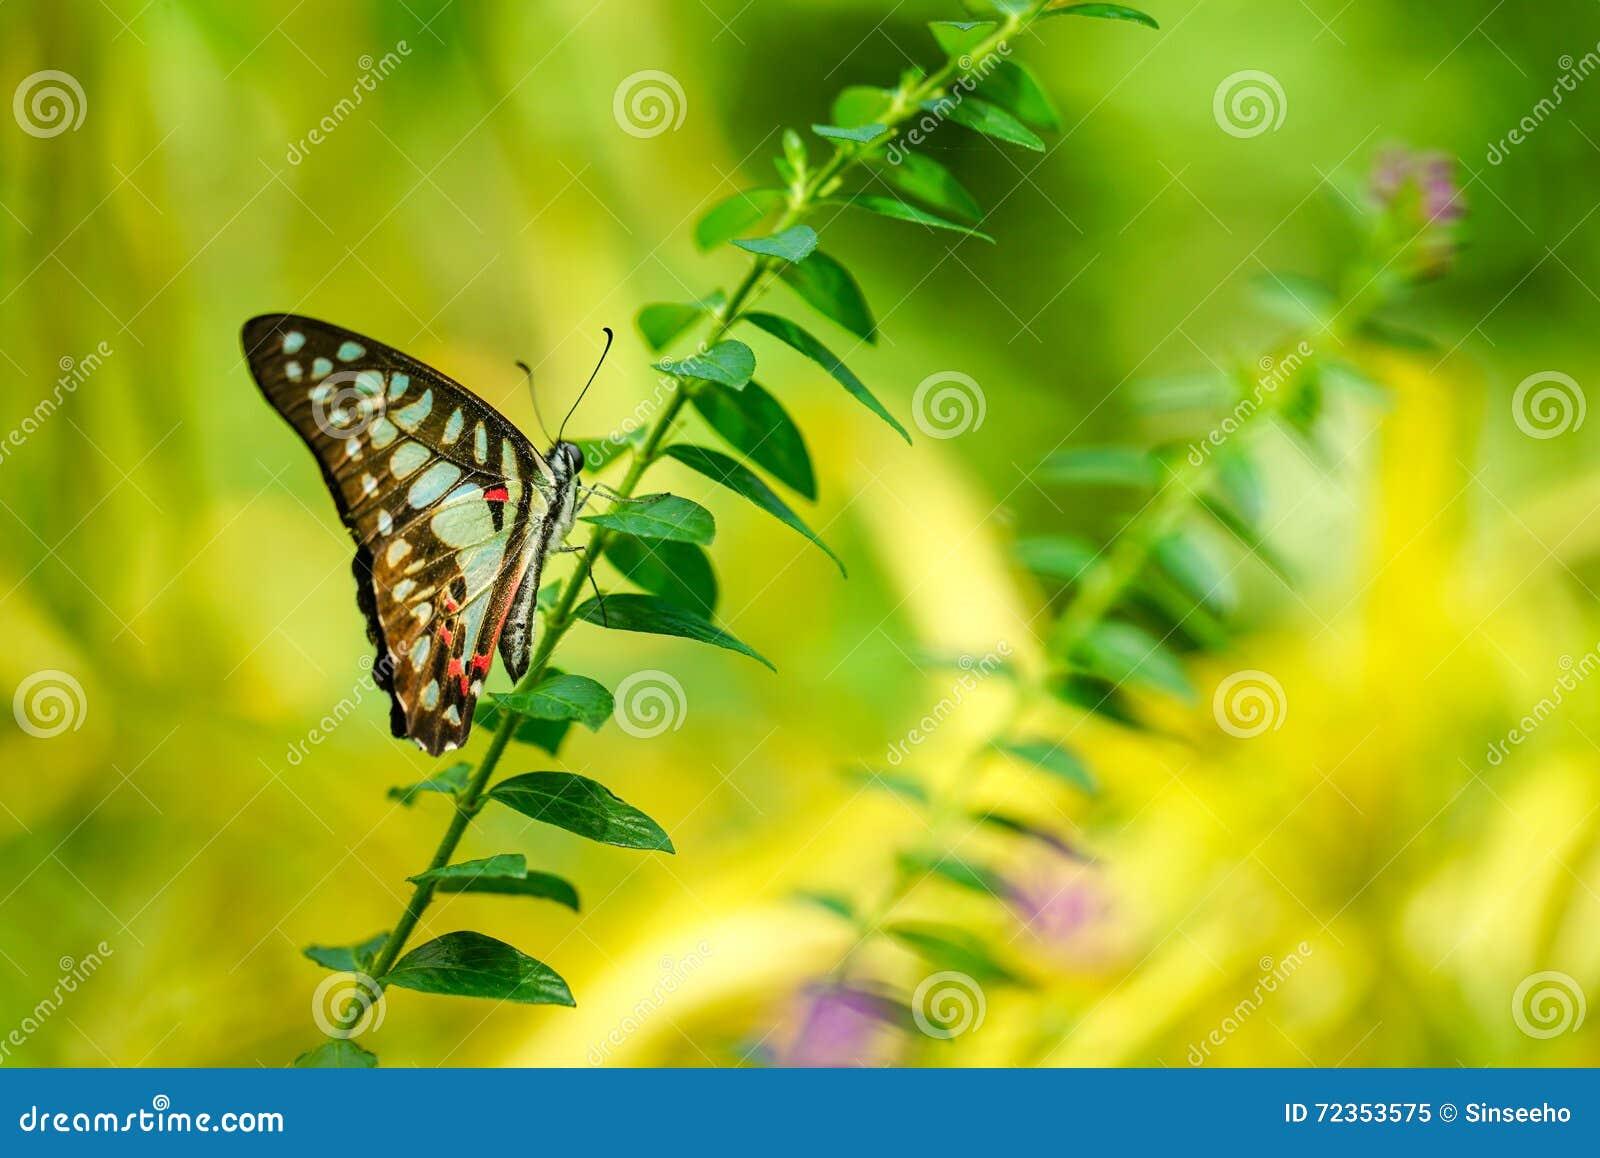 共同的杰伊蝴蝶在庭院里